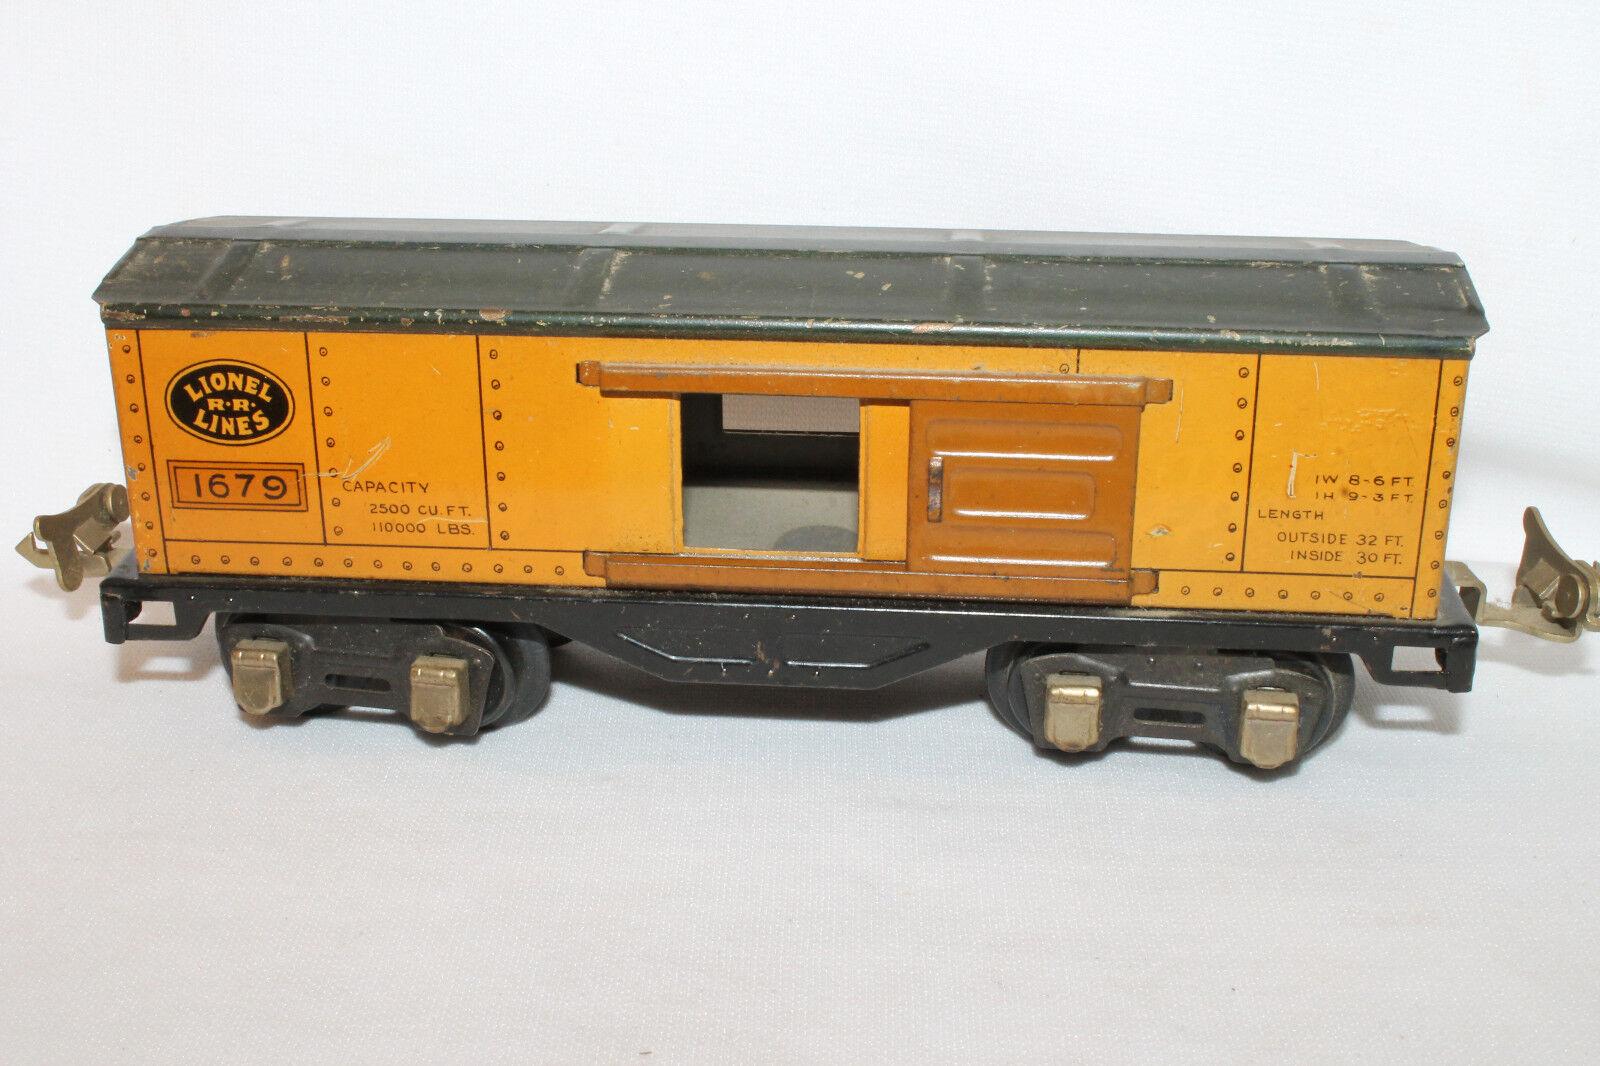 588ms Lionel 1679 Box Auto, Original